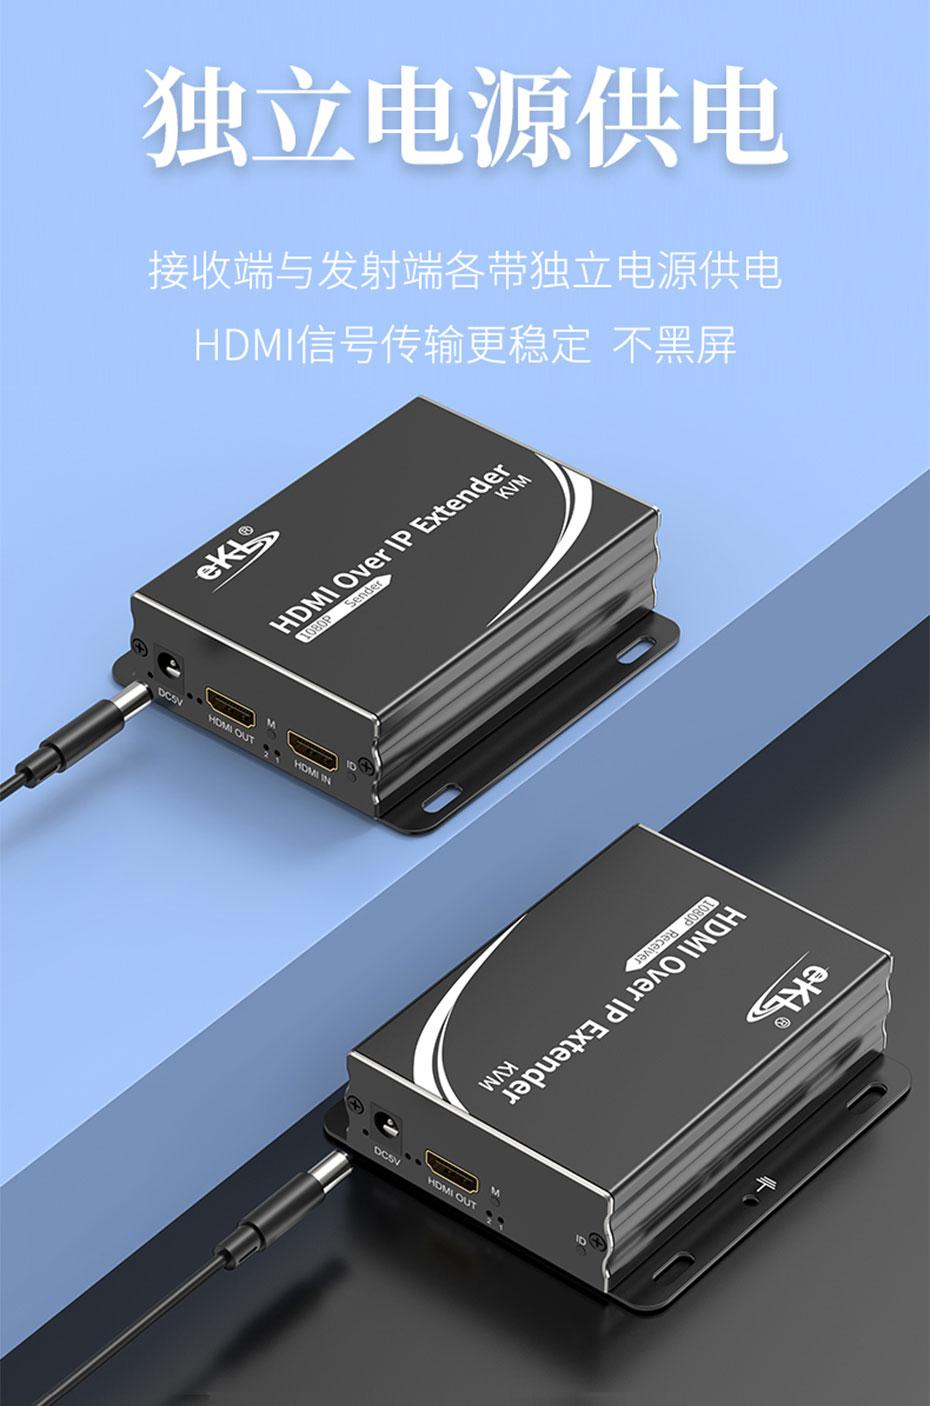 HDMI KVM光纤延长器HE001采用独立电源供电,工作稳定